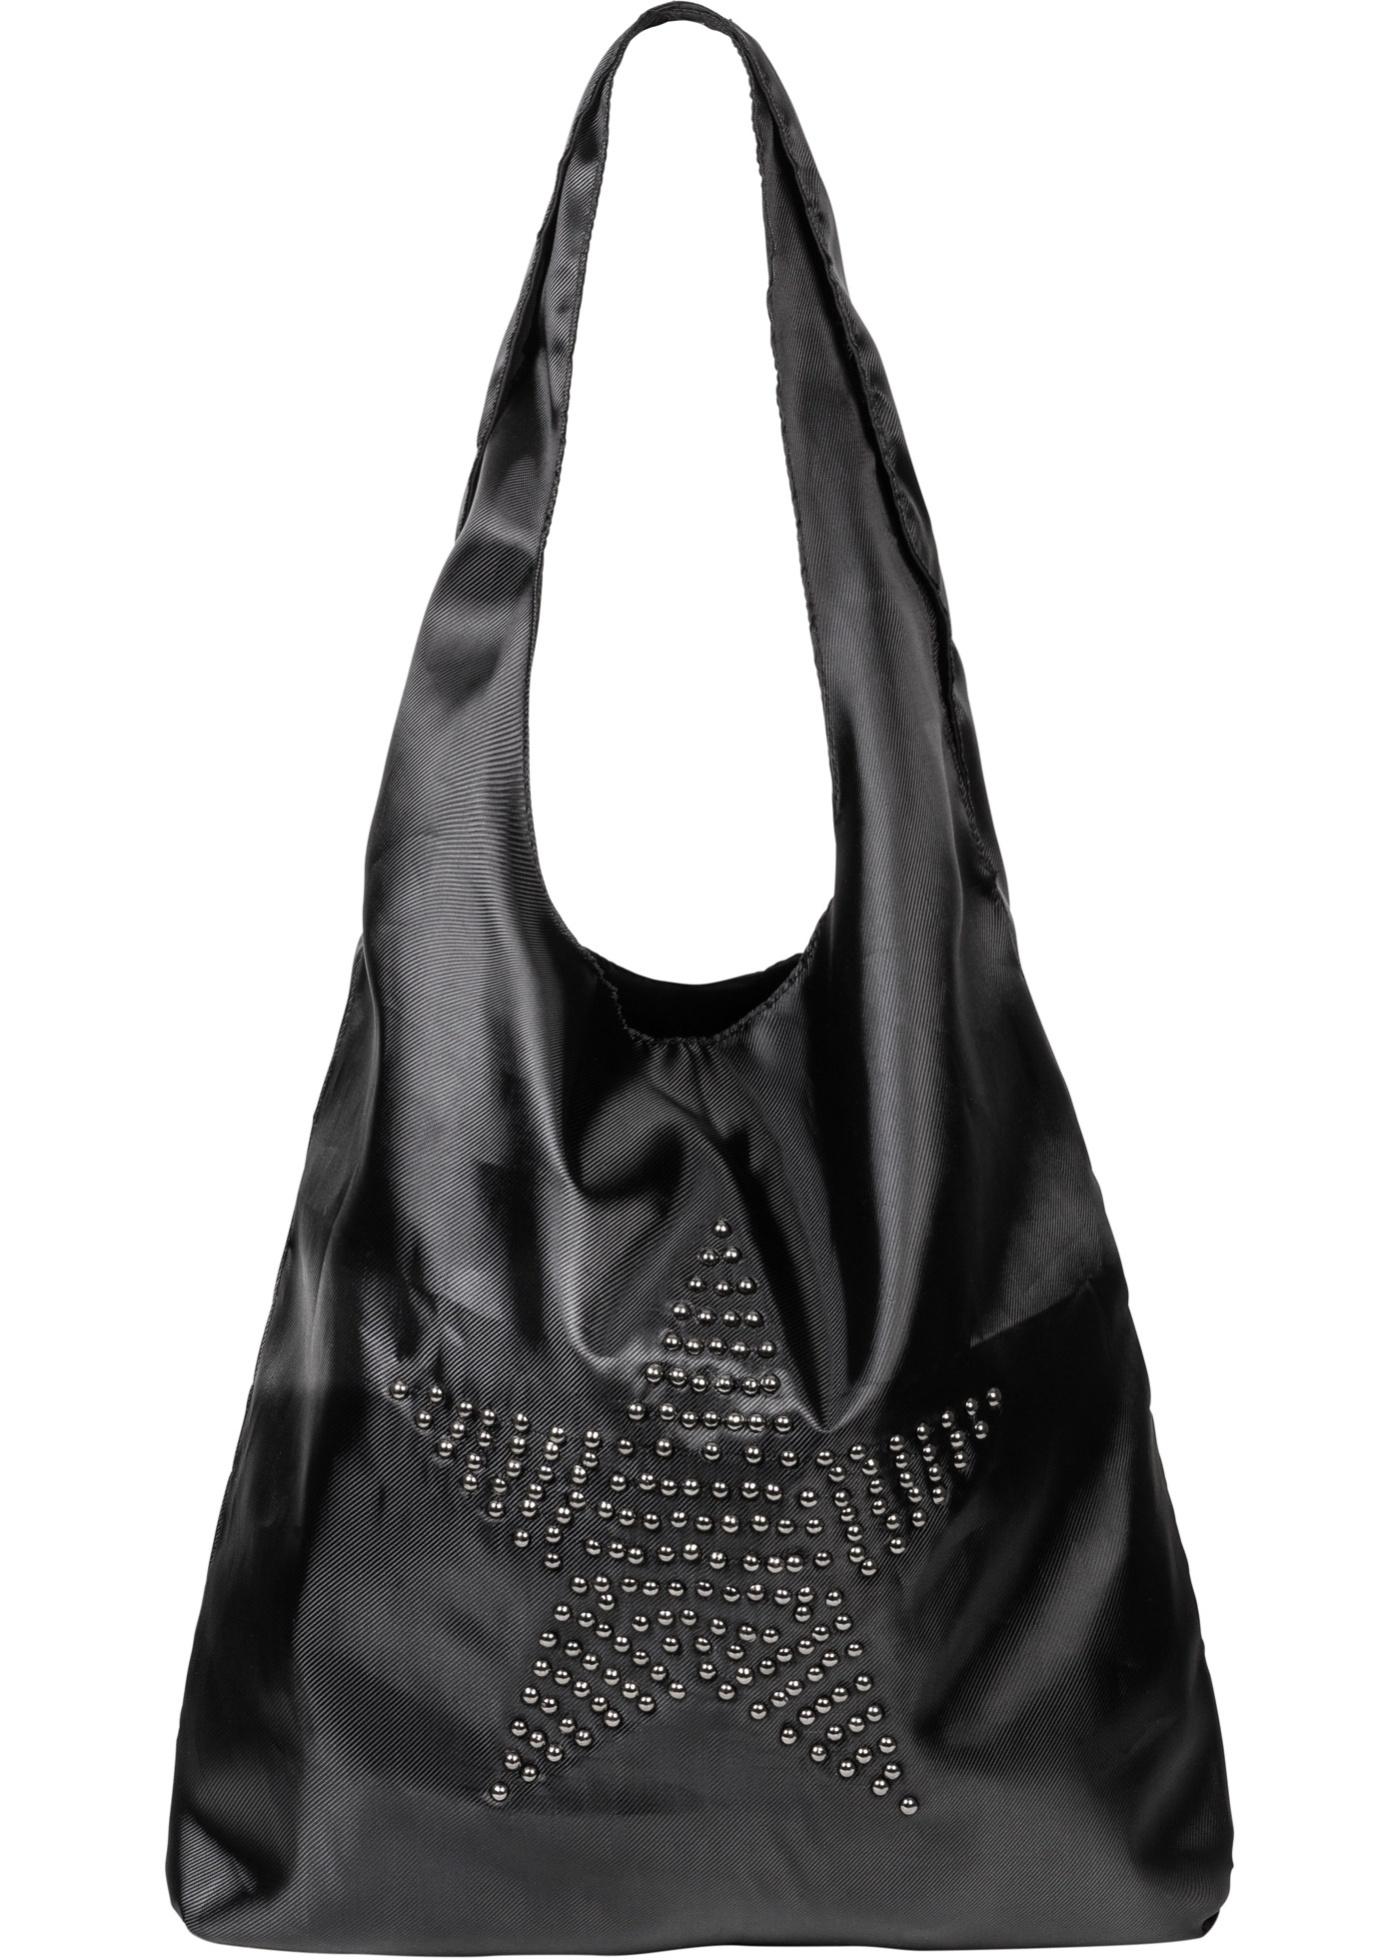 Velká taška s nýty - Černá